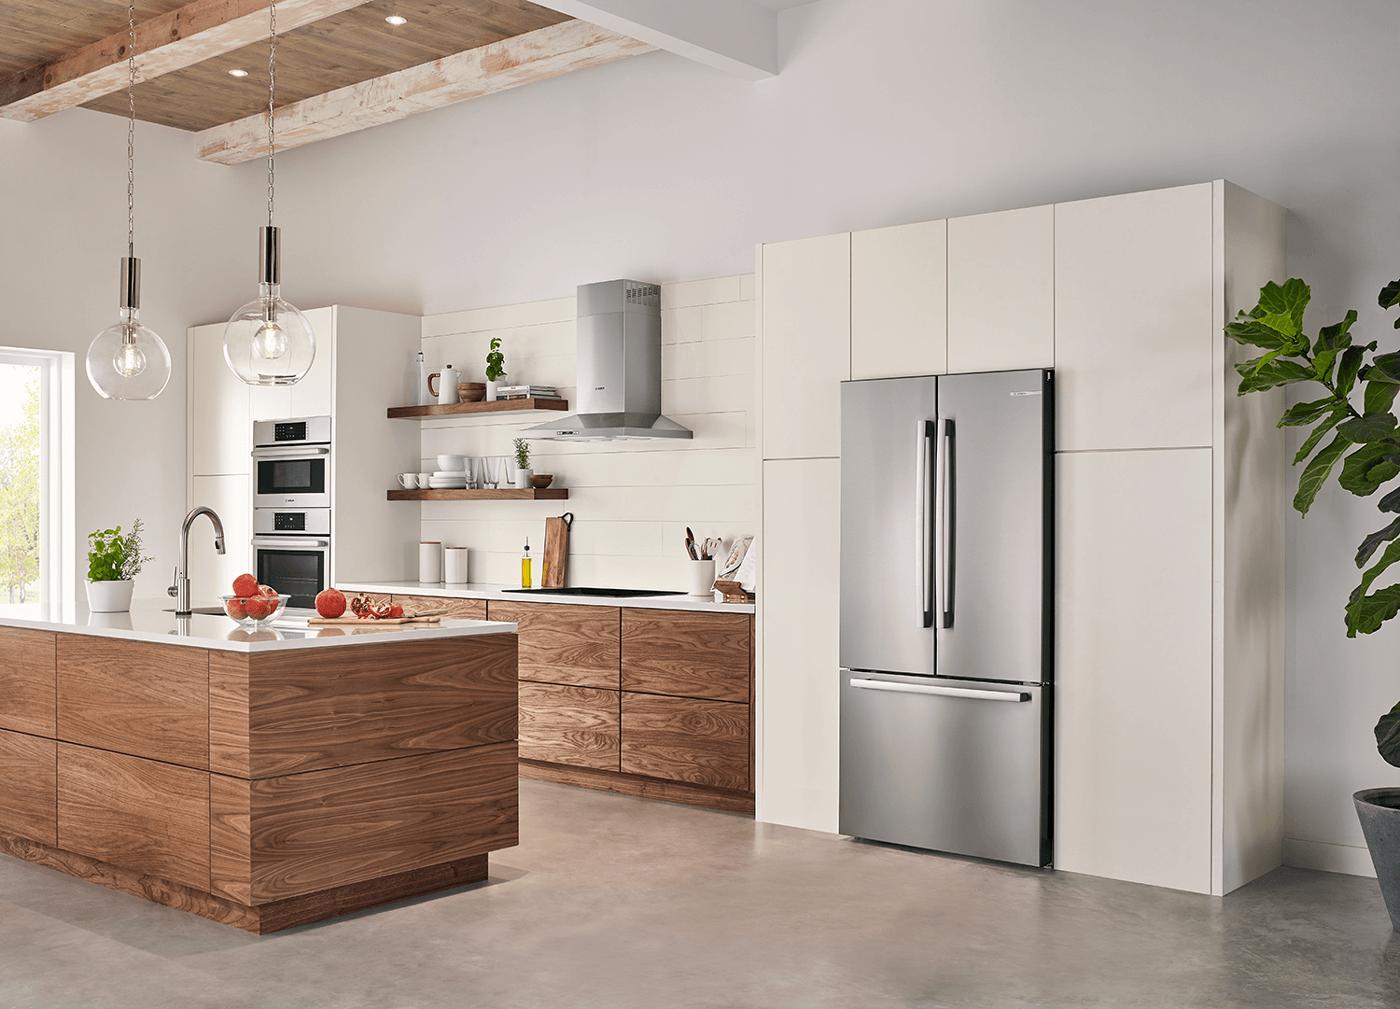 fridge for kitchen counter